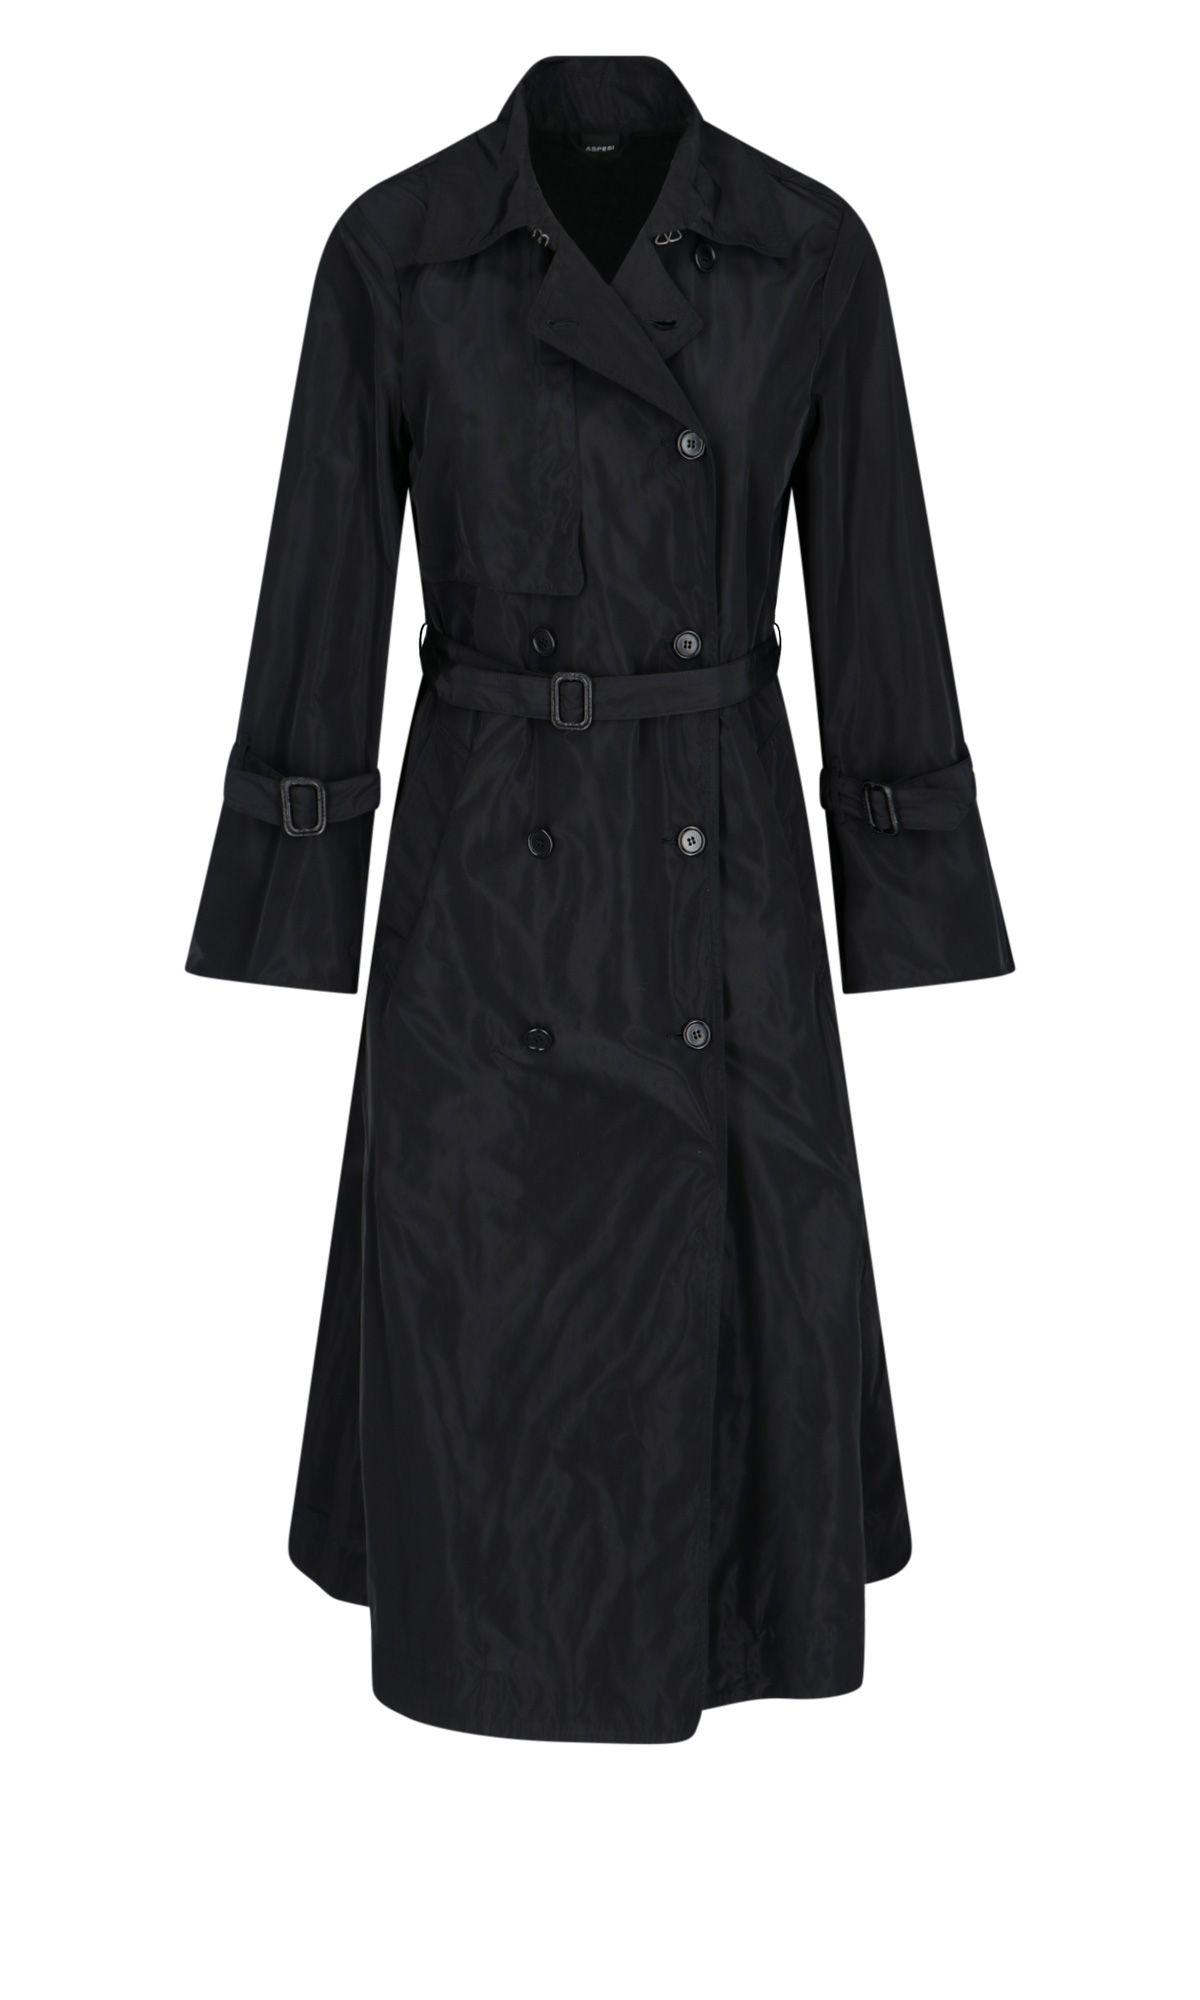 Aspesi ASPESI WOMEN'S BLACK POLYESTER TRENCH COAT